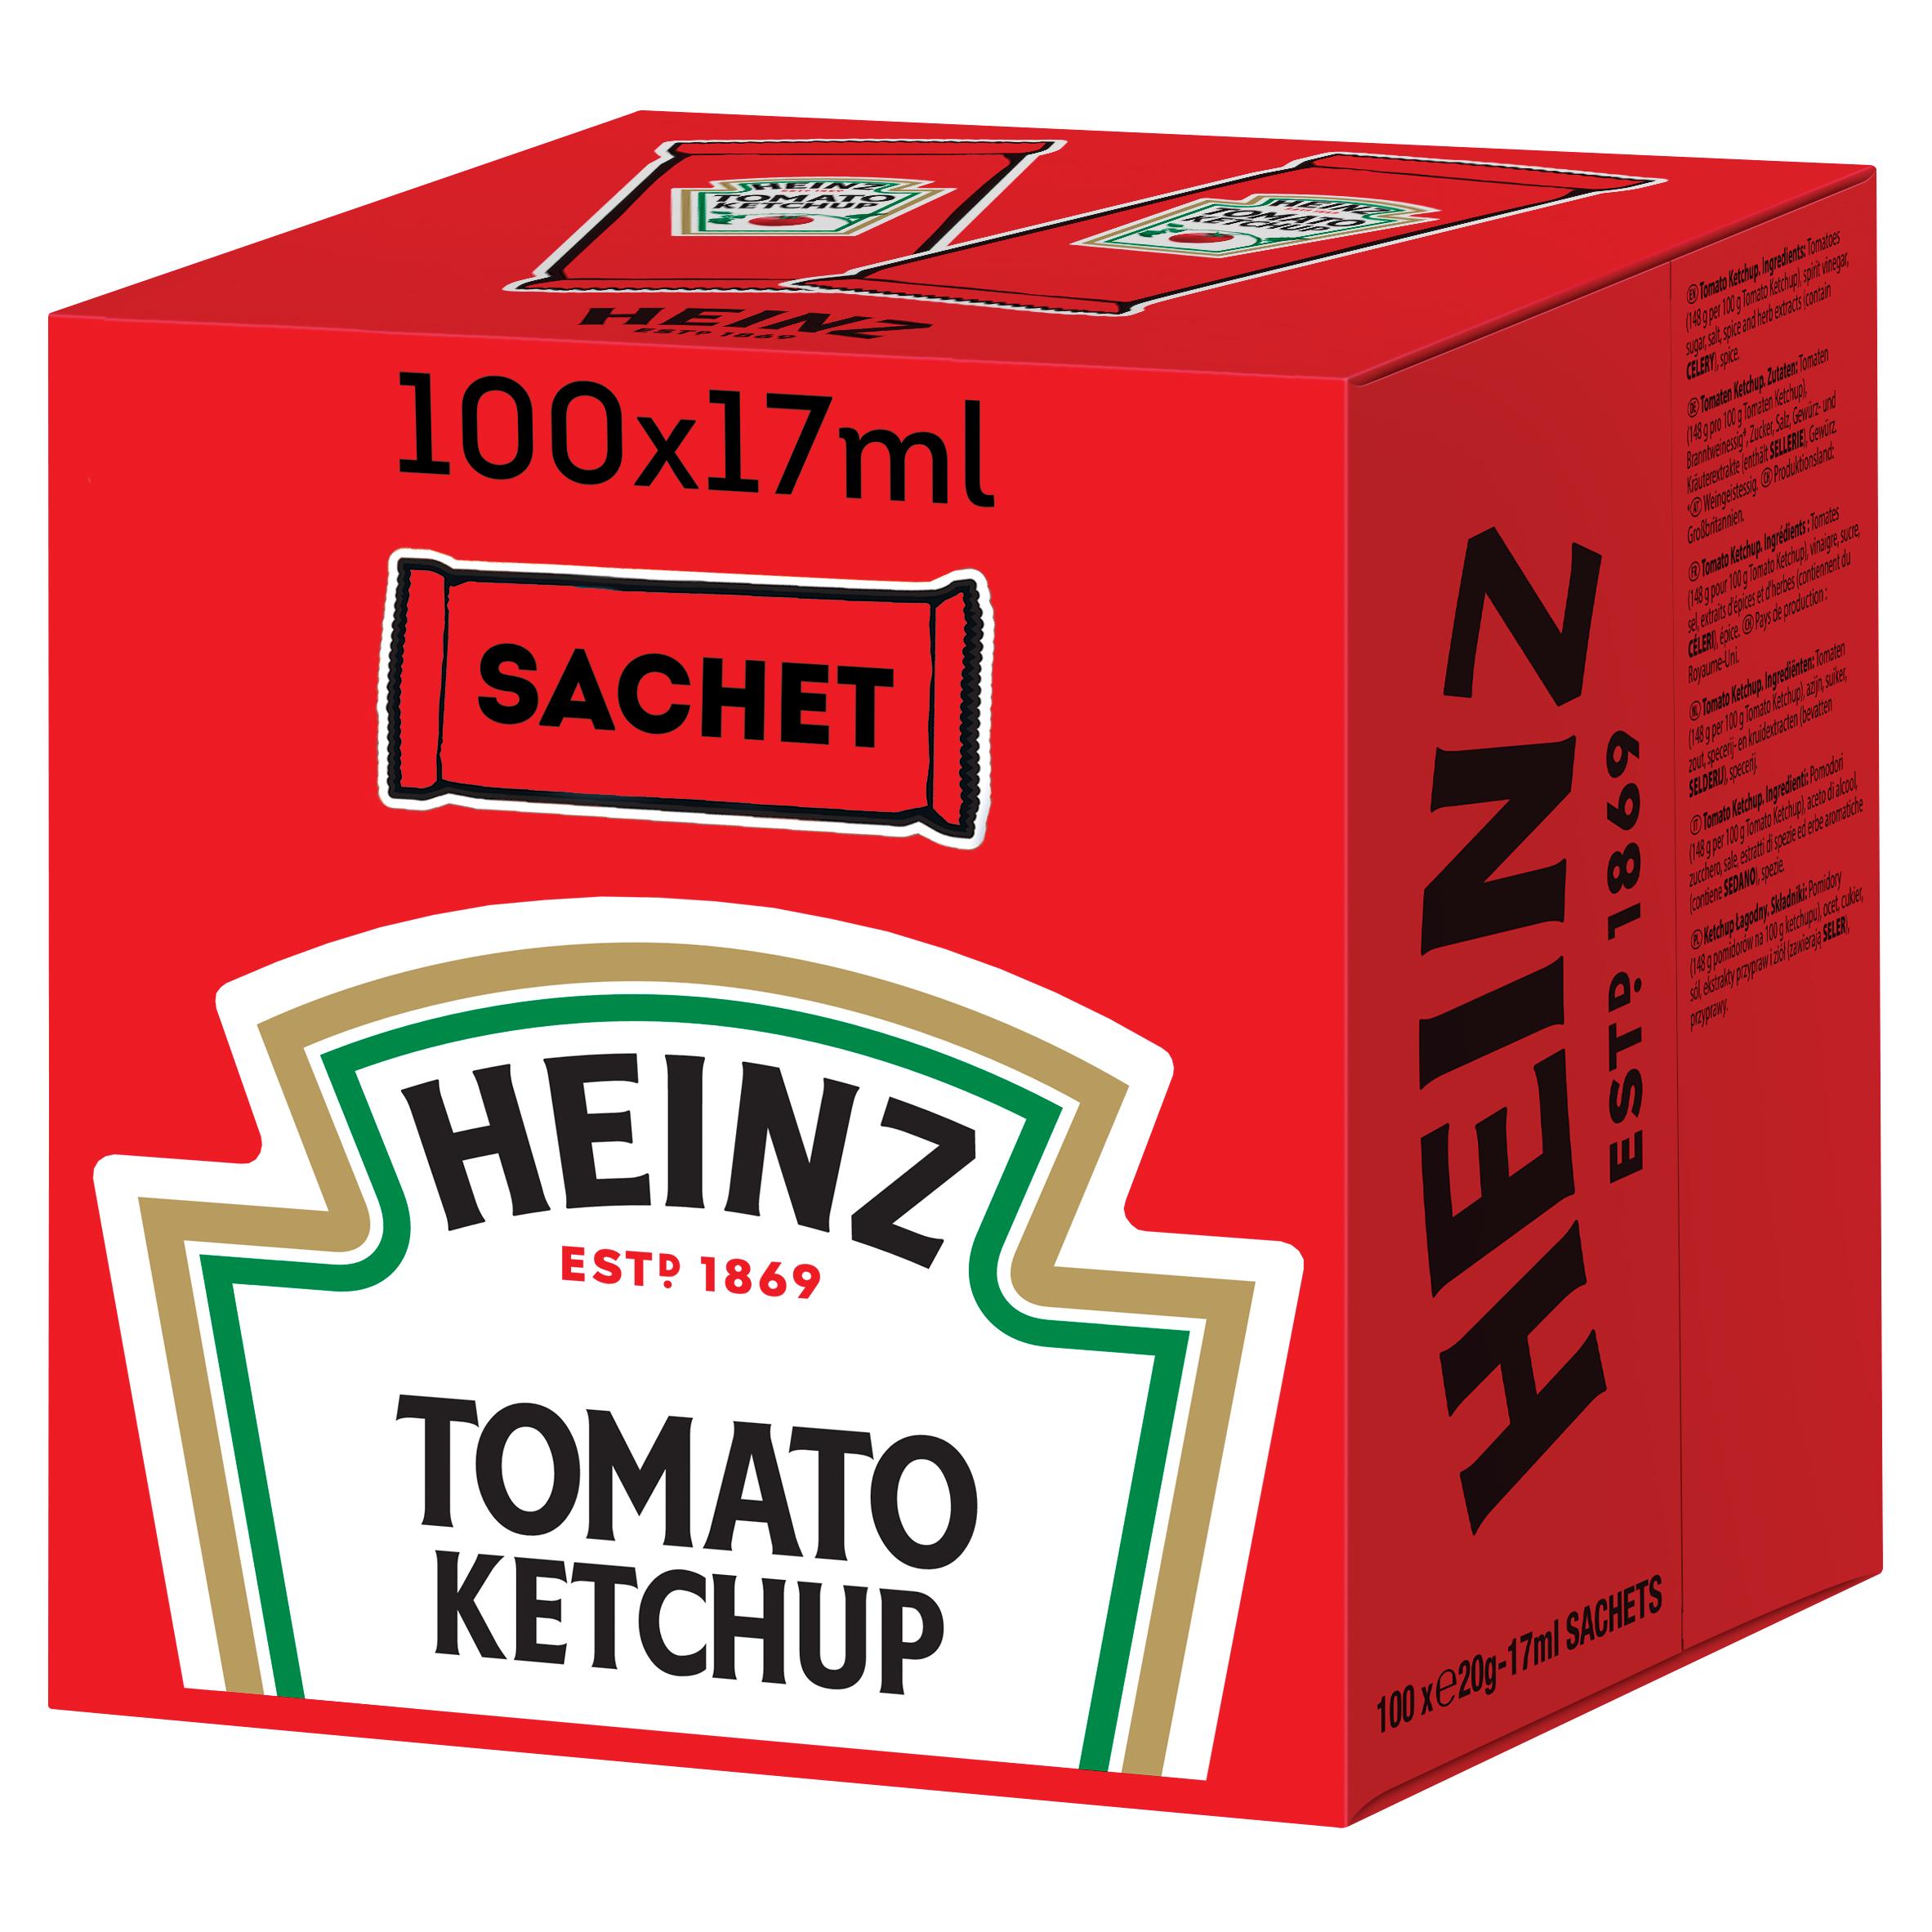 Heinz Tomato Ketchup 17ml Bustina